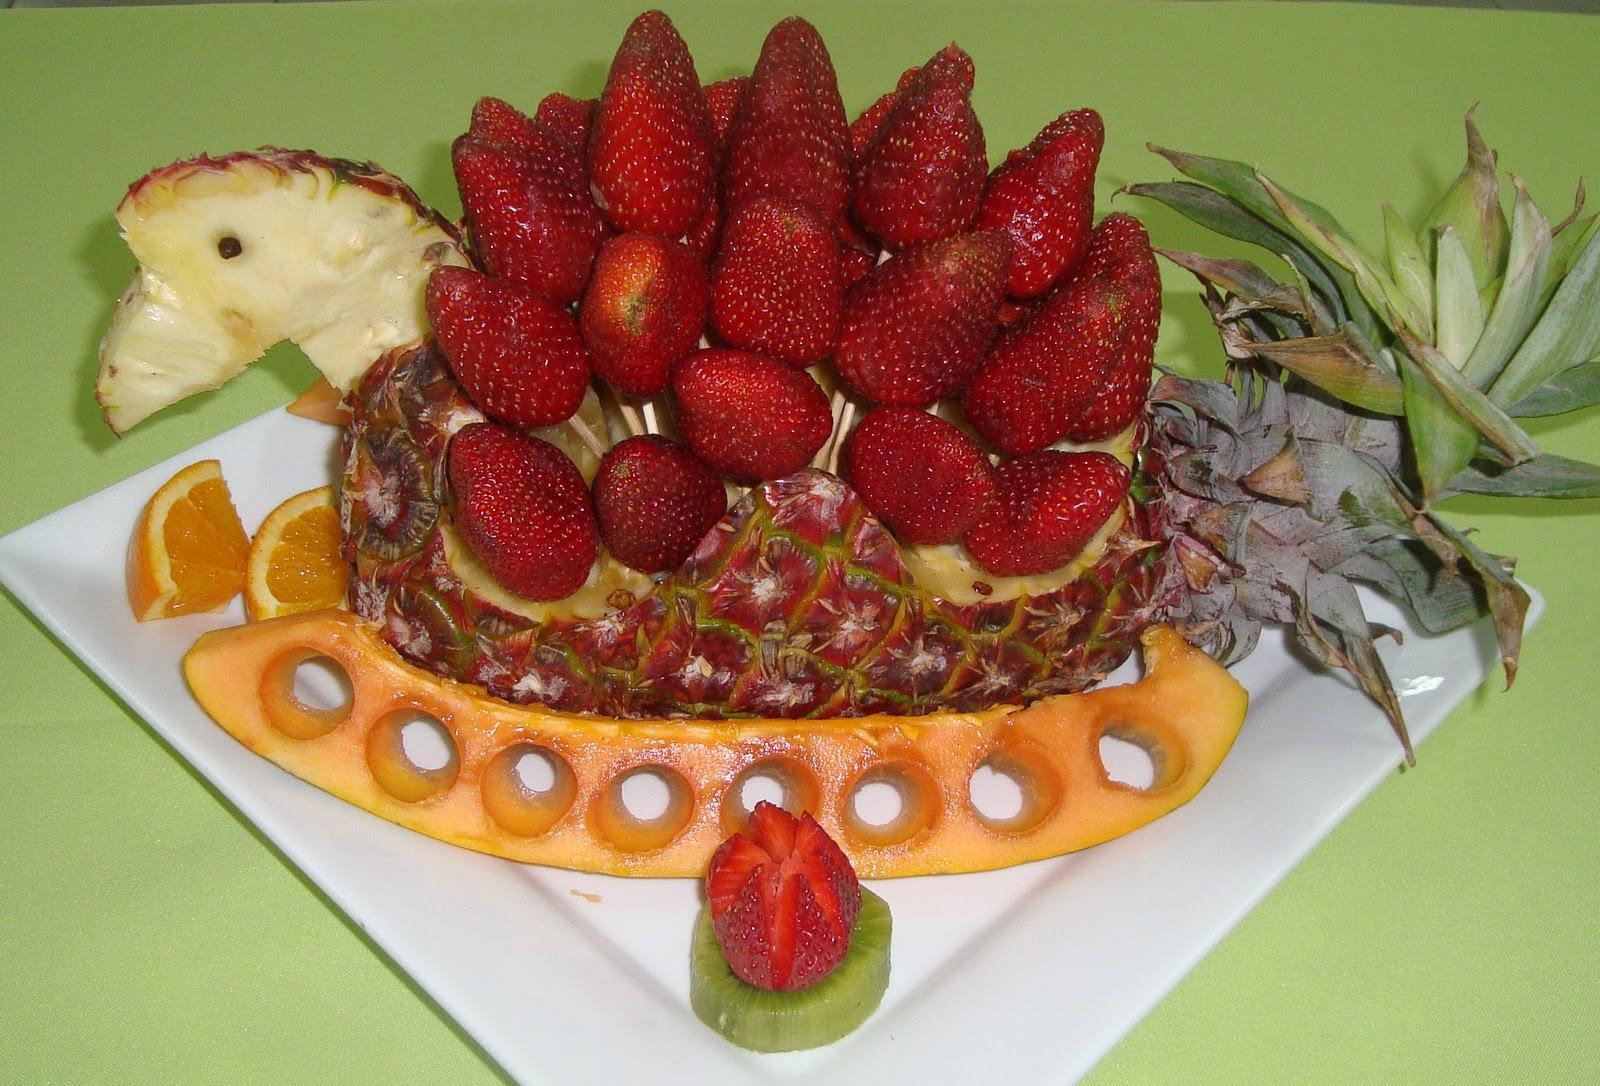 Decoracion de frutas auto design tech - Decoracion de frutas ...